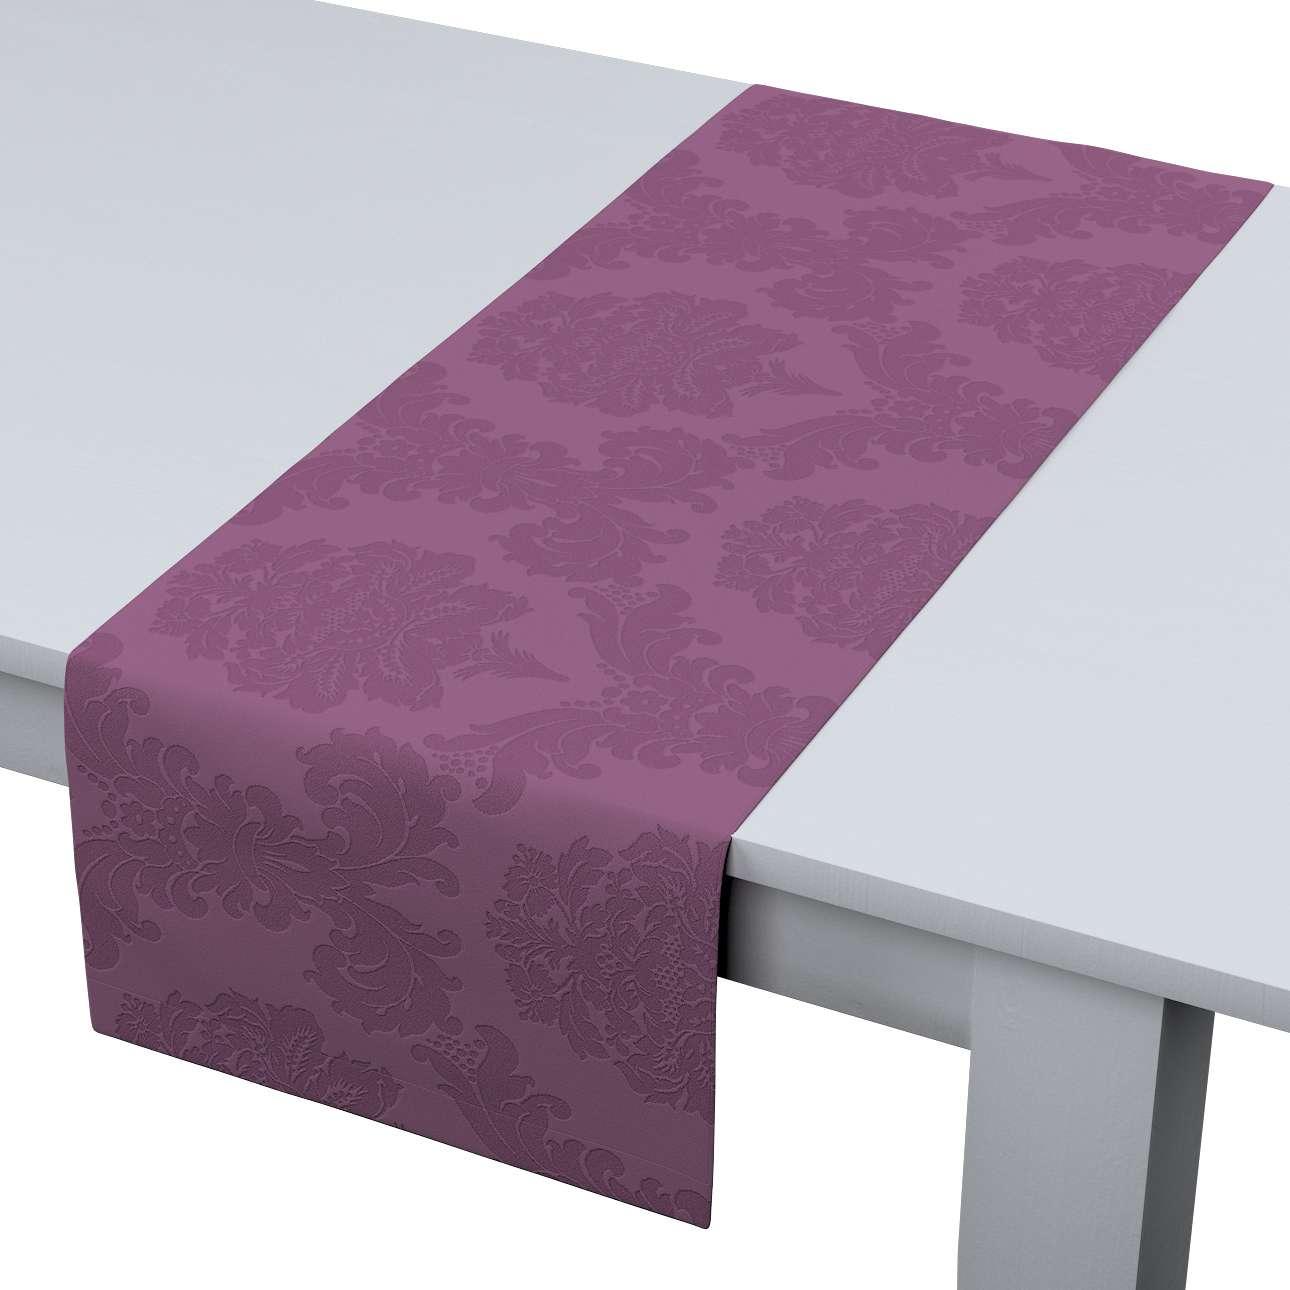 Rechteckiger Tischläufer 40 x 130 cm von der Kollektion Damasco, Stoff: 613-75